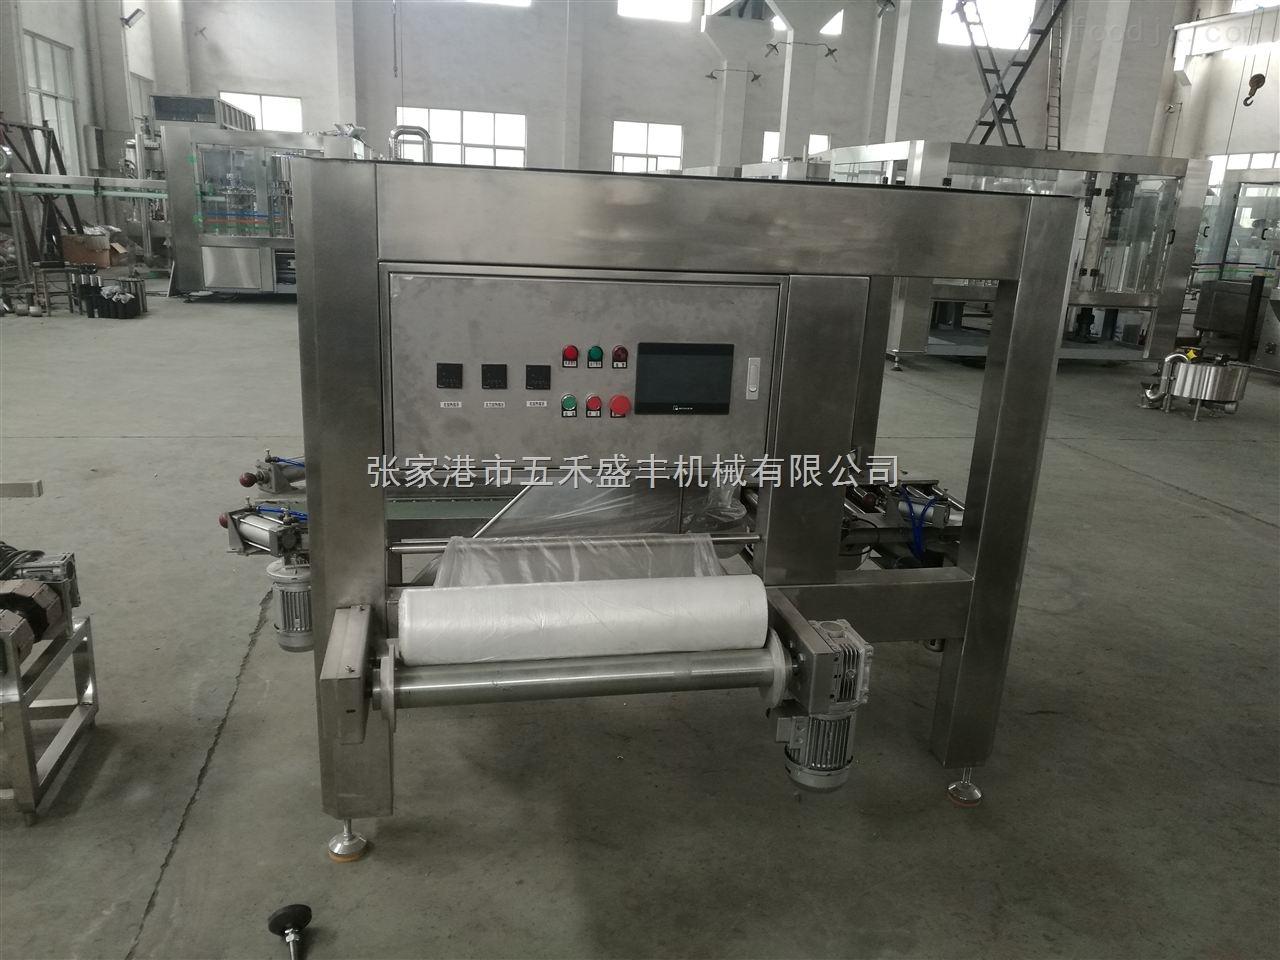 3加仑桶装水灌装生产线